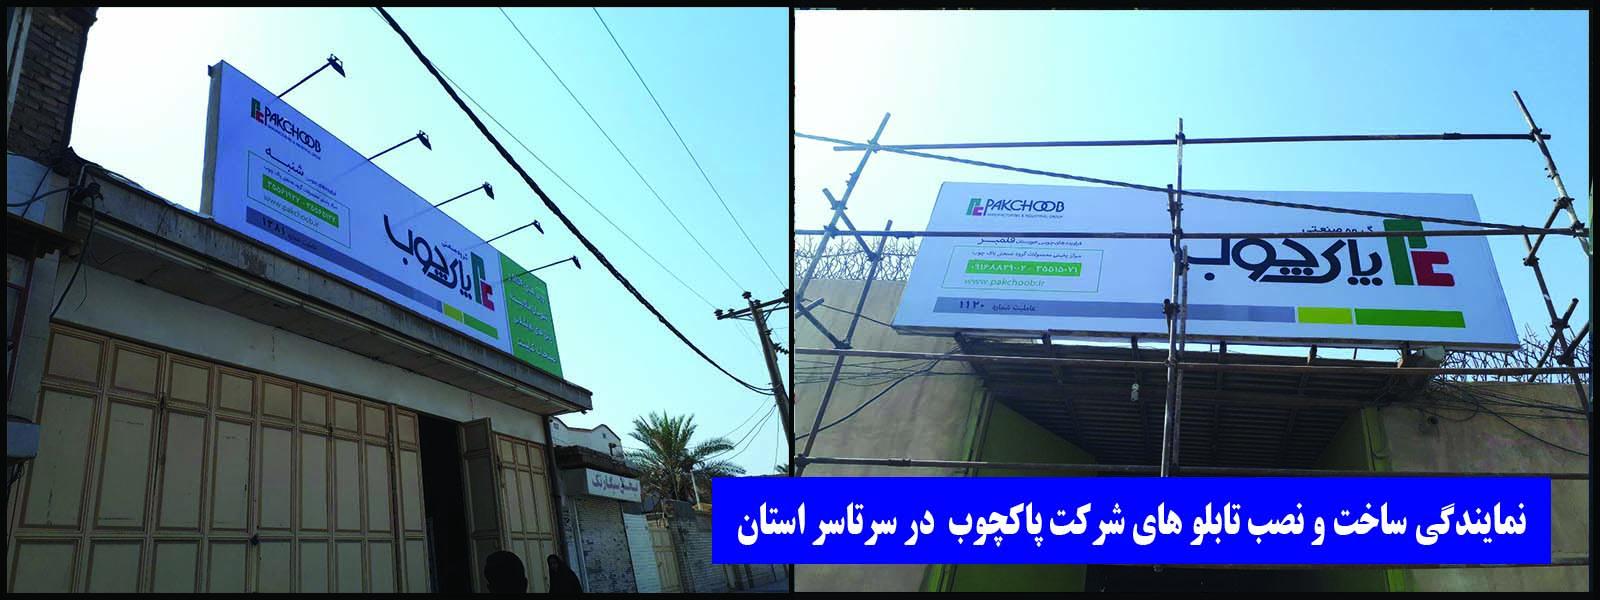 پروژه ی بانک صادرات اهواز